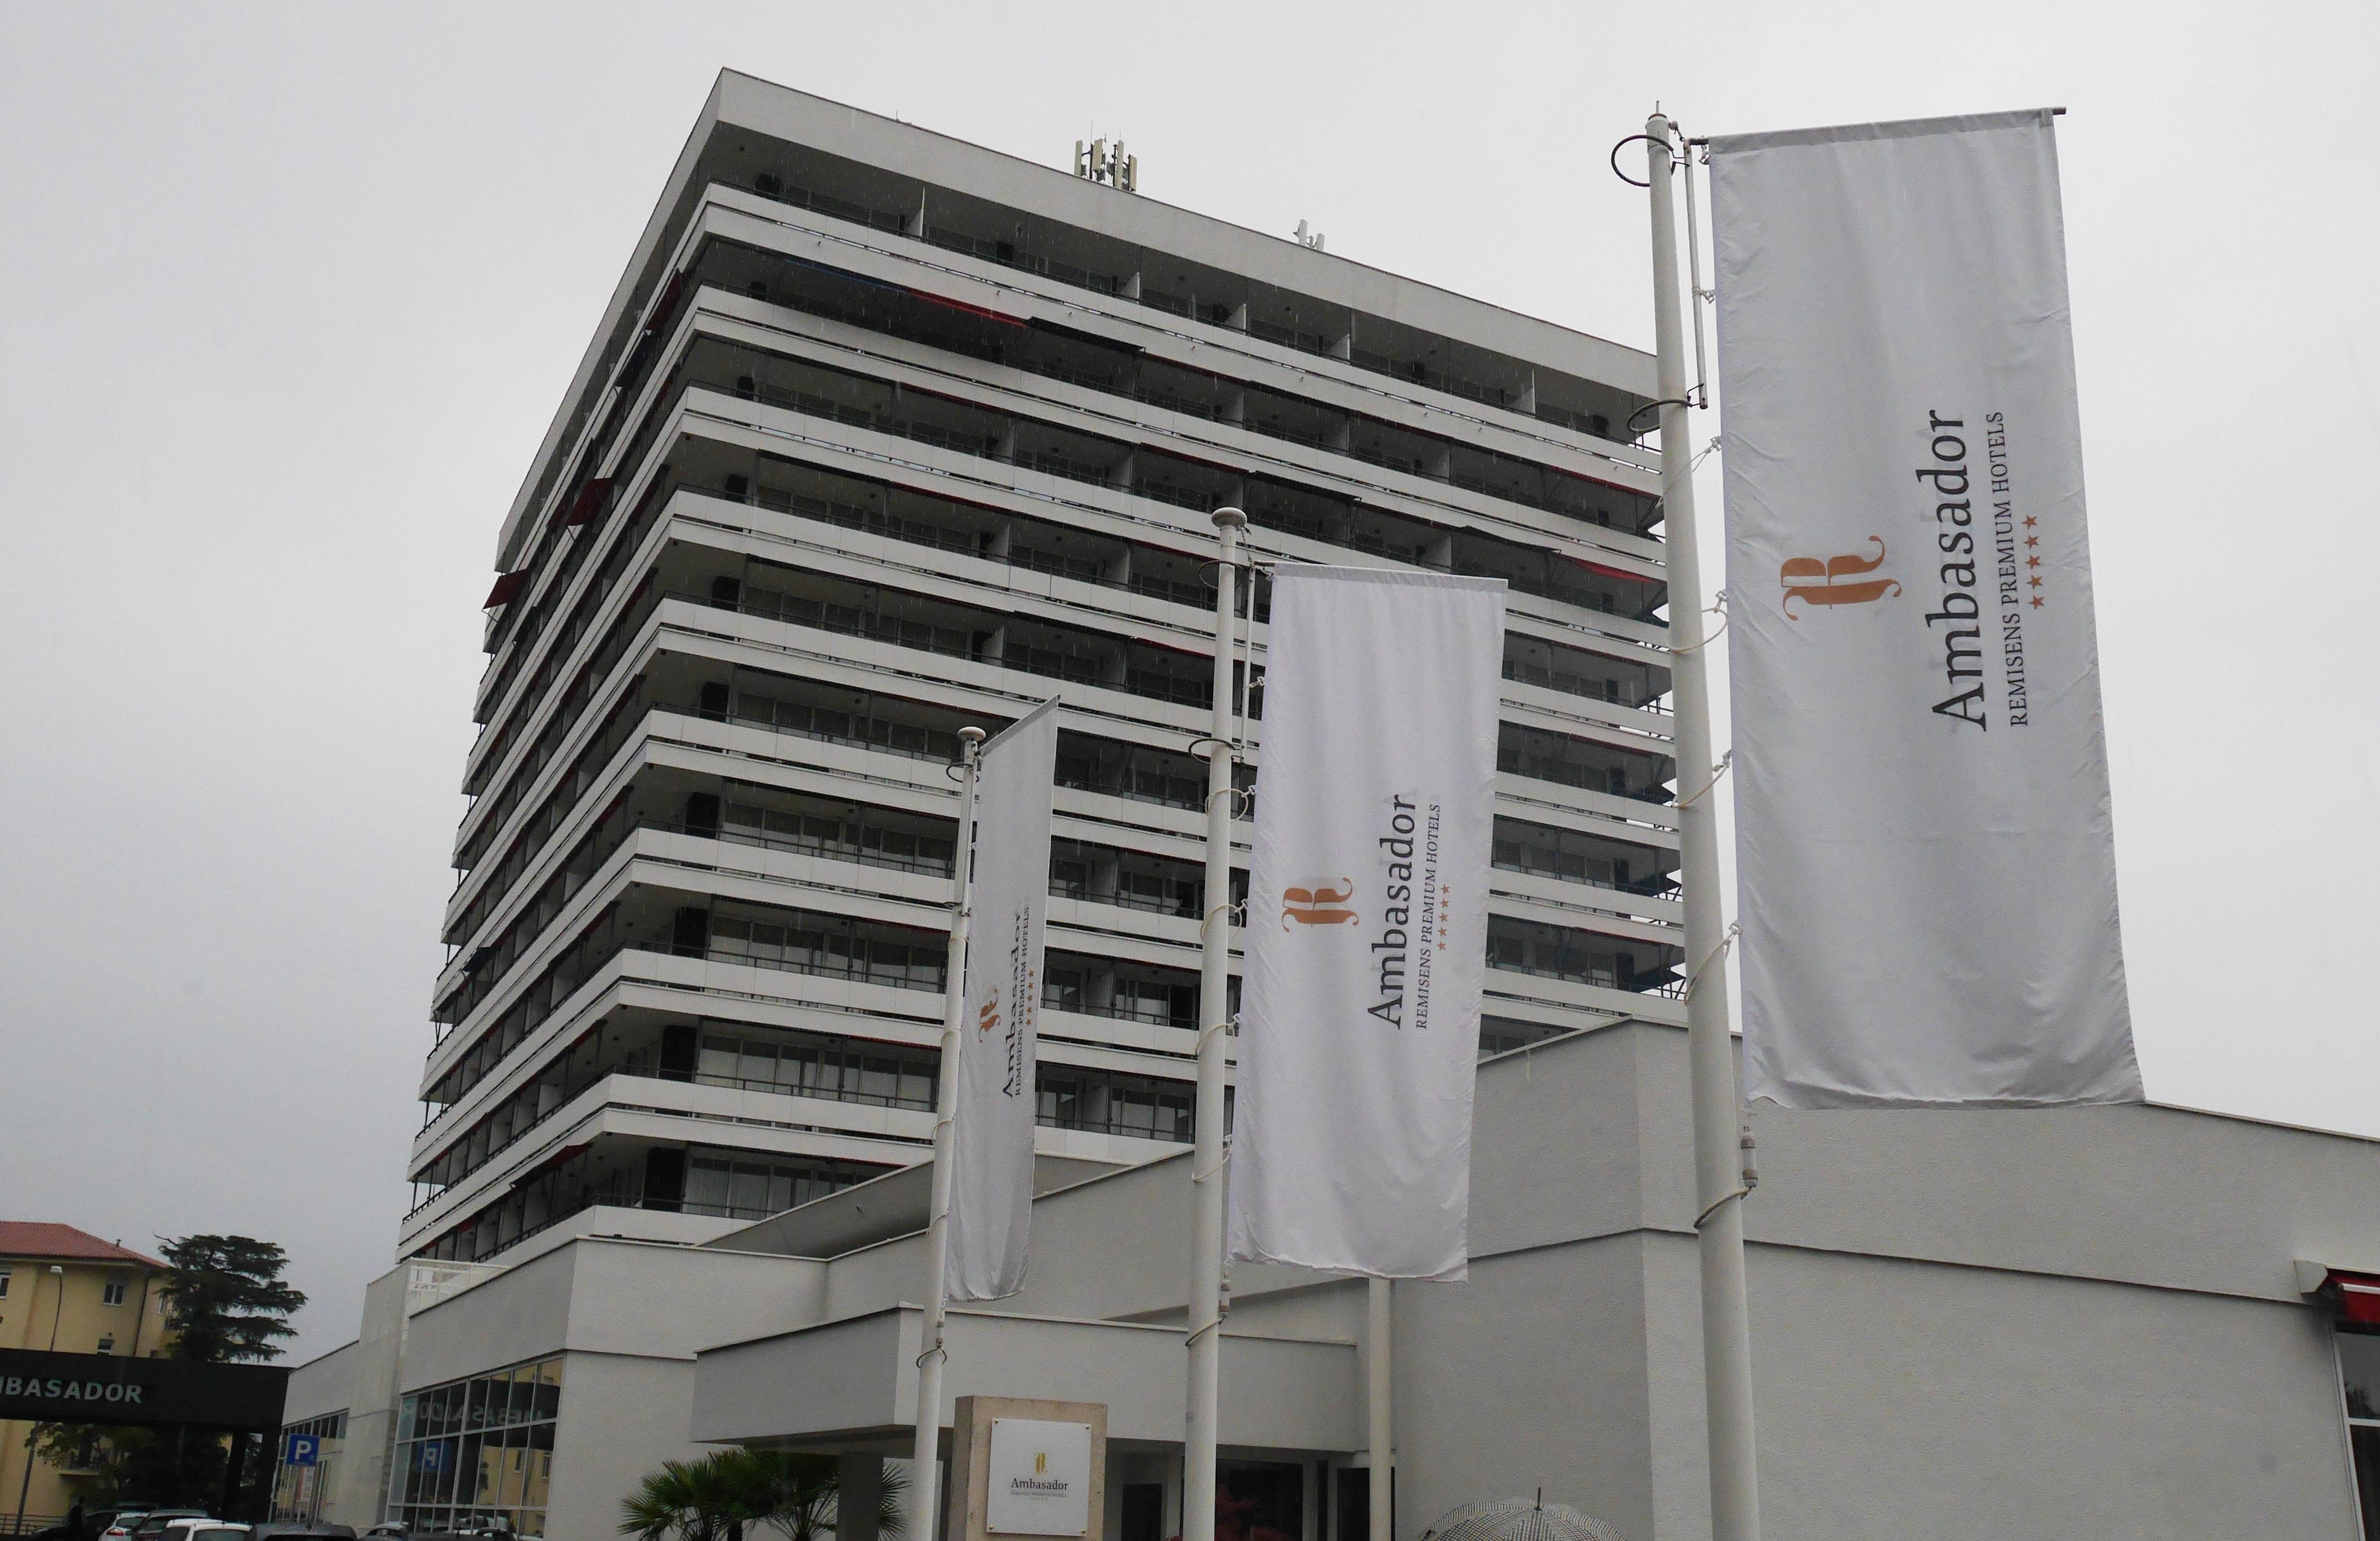 Hotel Ambasador ima daleko bogatiju ponudu nakon ovogodišnje temeljite renovacije / Foto Marin ANIČIĆ